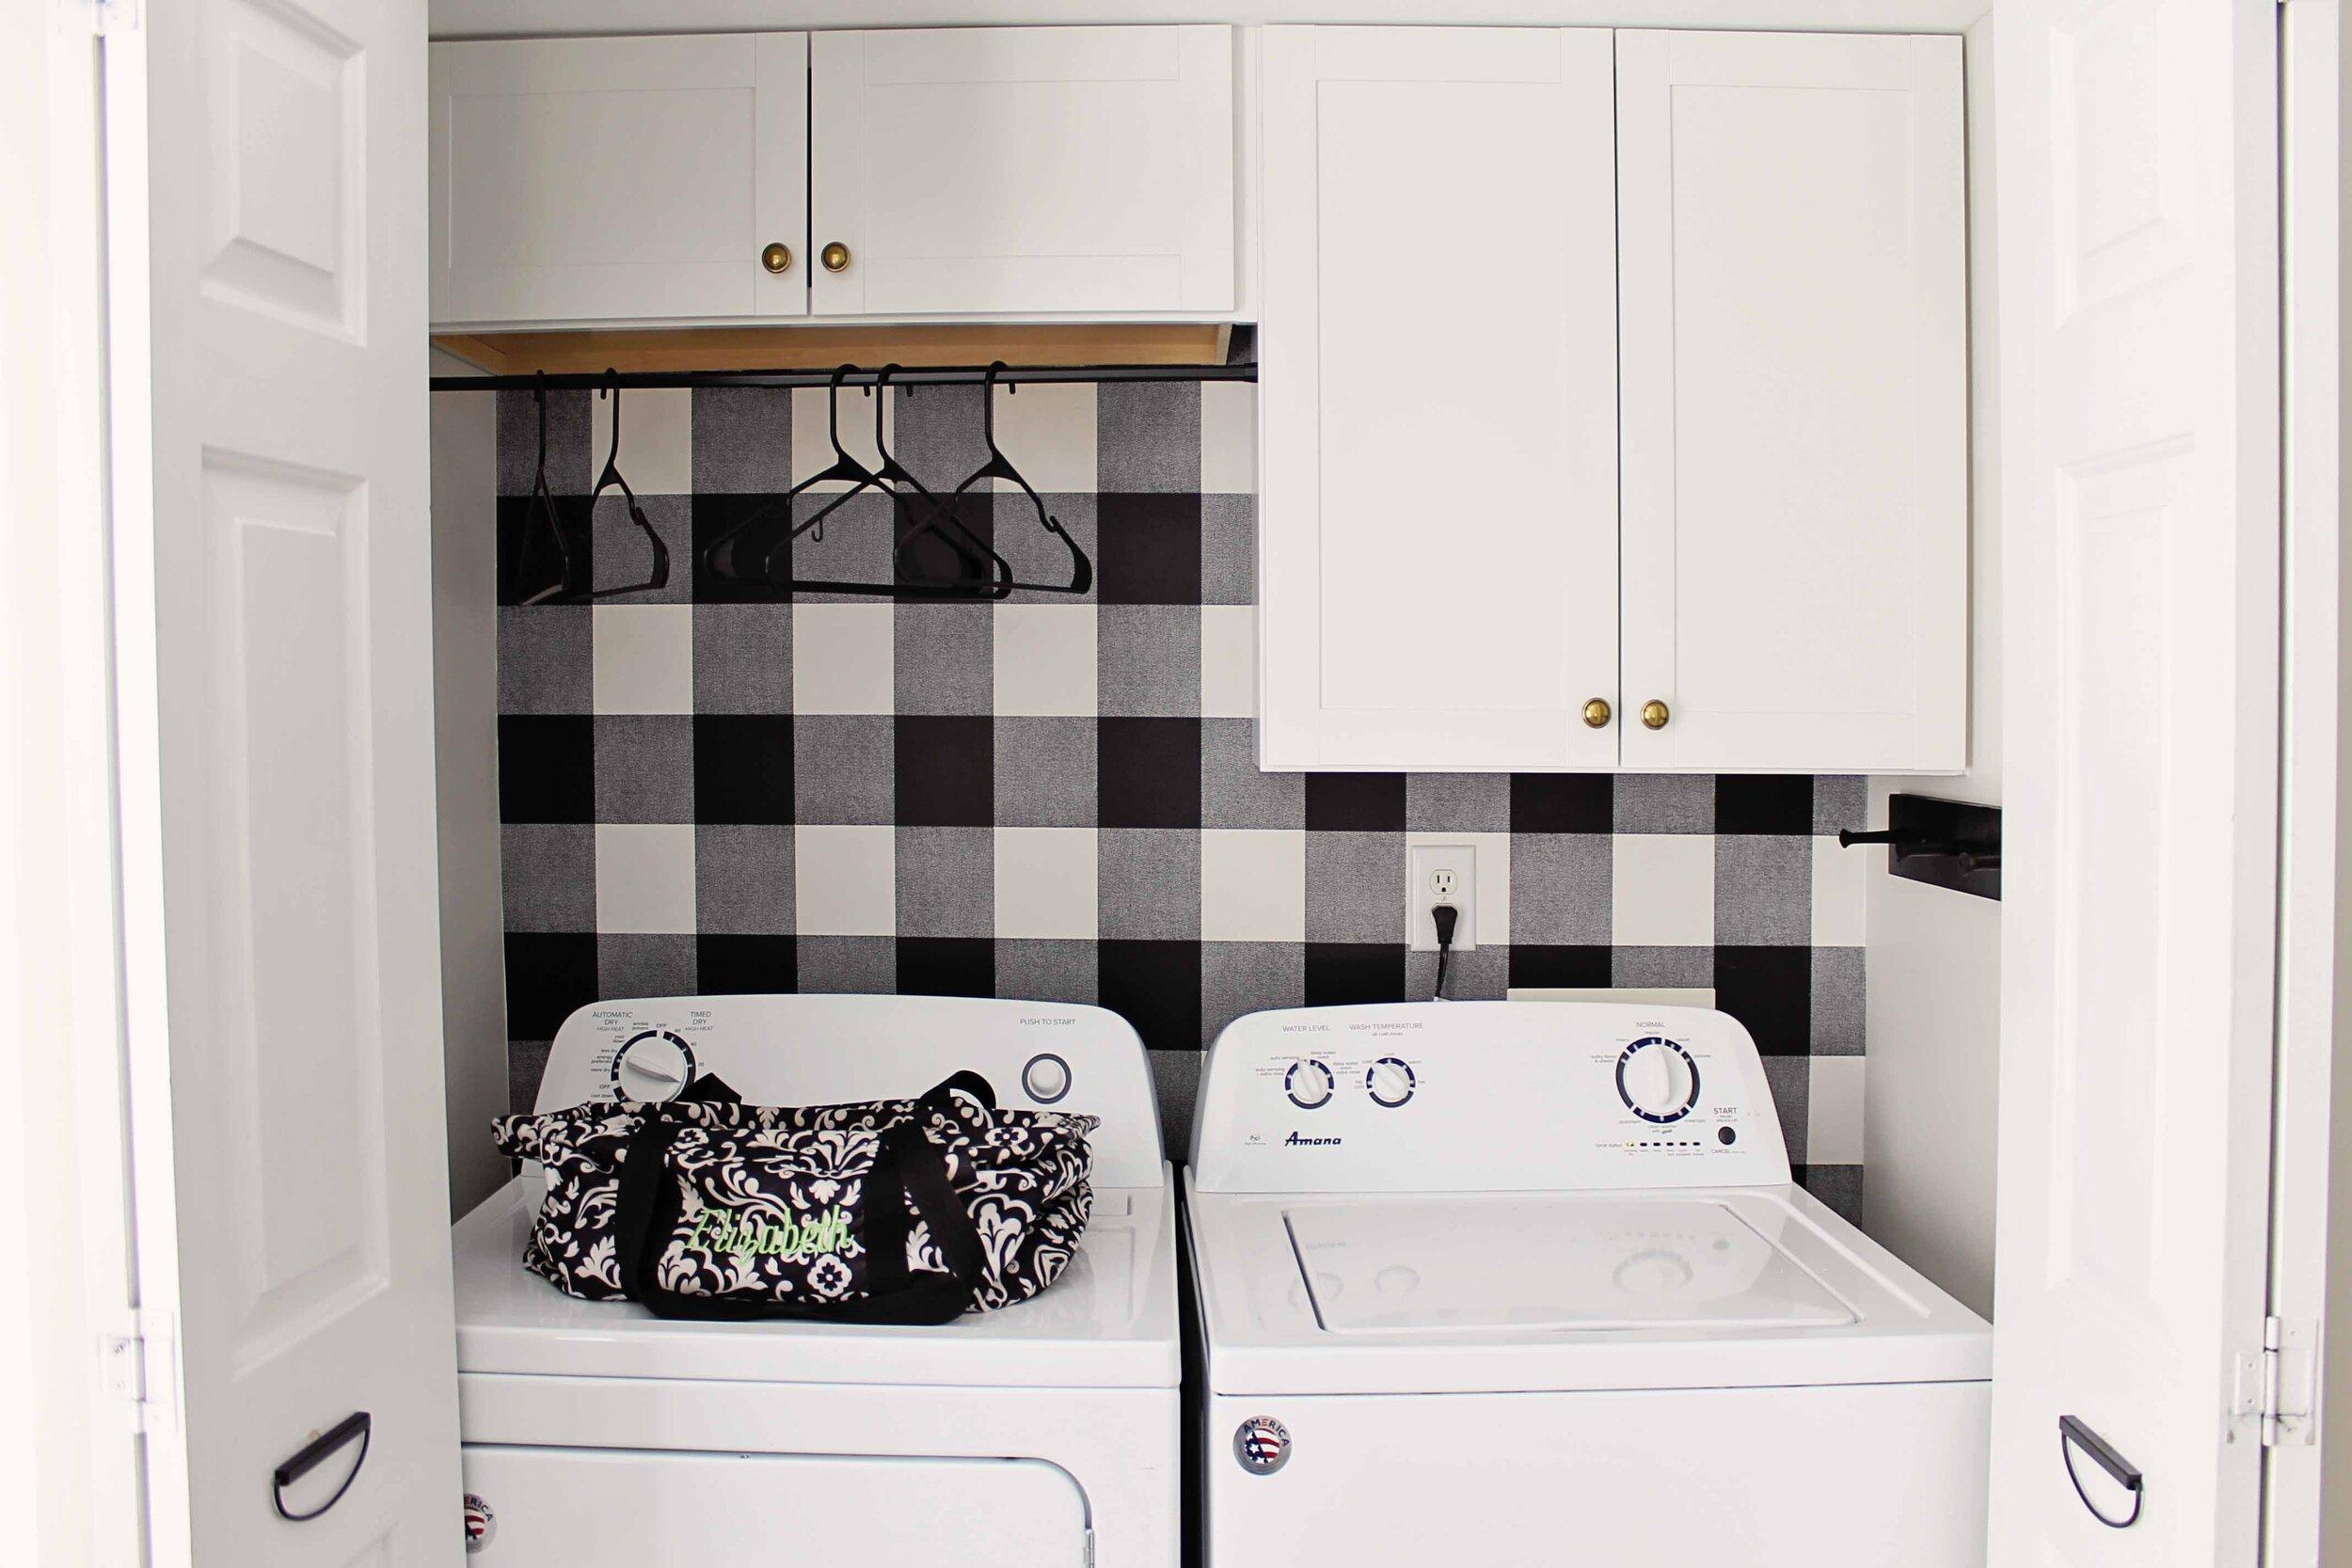 DIY Budget Small Laundry Closet Makeover for $20 — Elizabeth ...